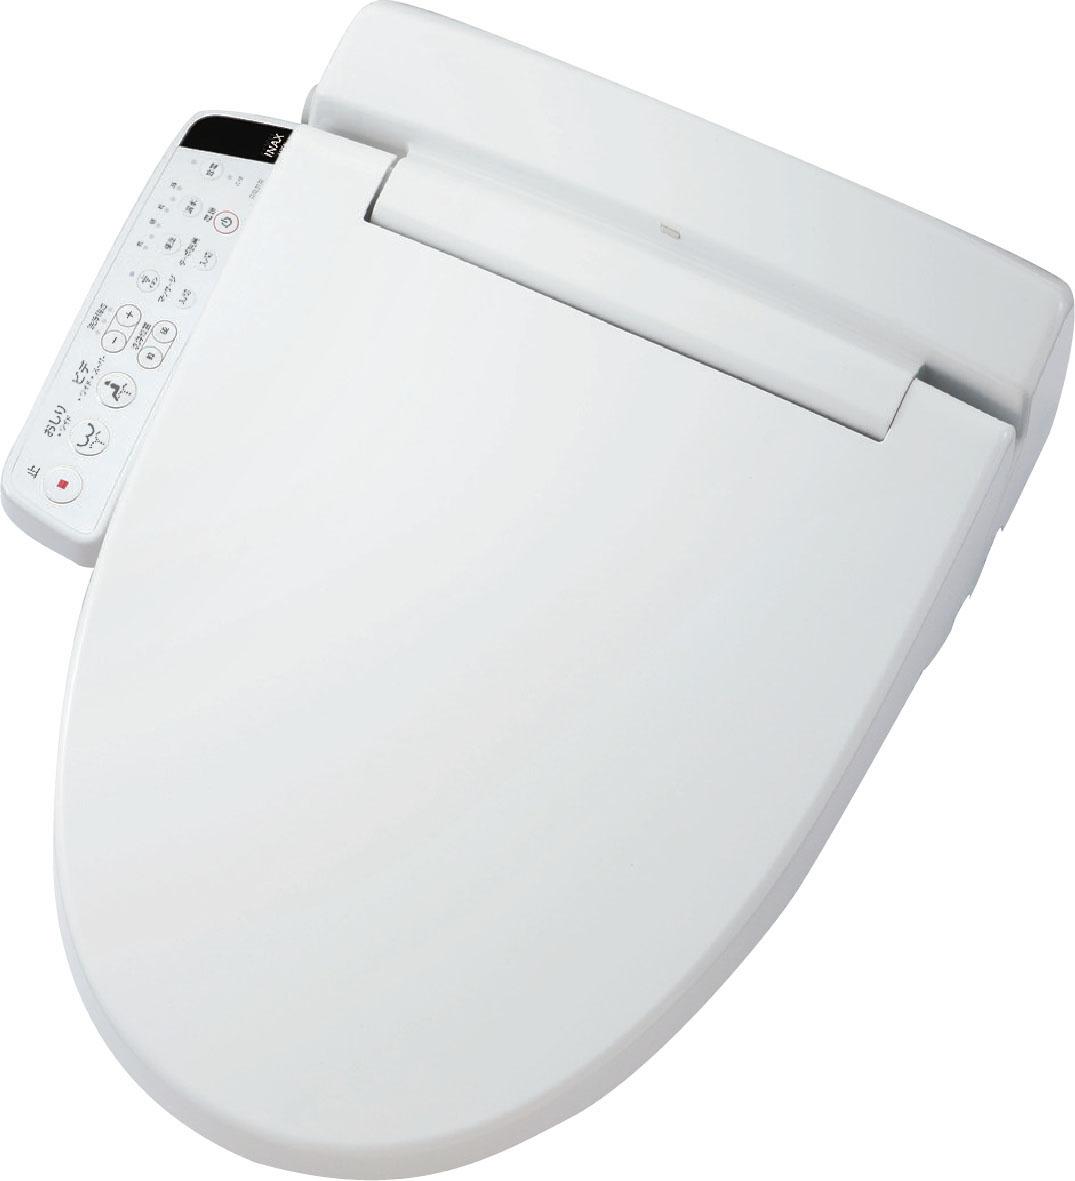 ◆在庫有り!台数限定!INAX シャワートイレKBシリーズ【CW-KB23】BN8オフホワイト フルオート/リモコン便器洗浄なし※リモコンなし